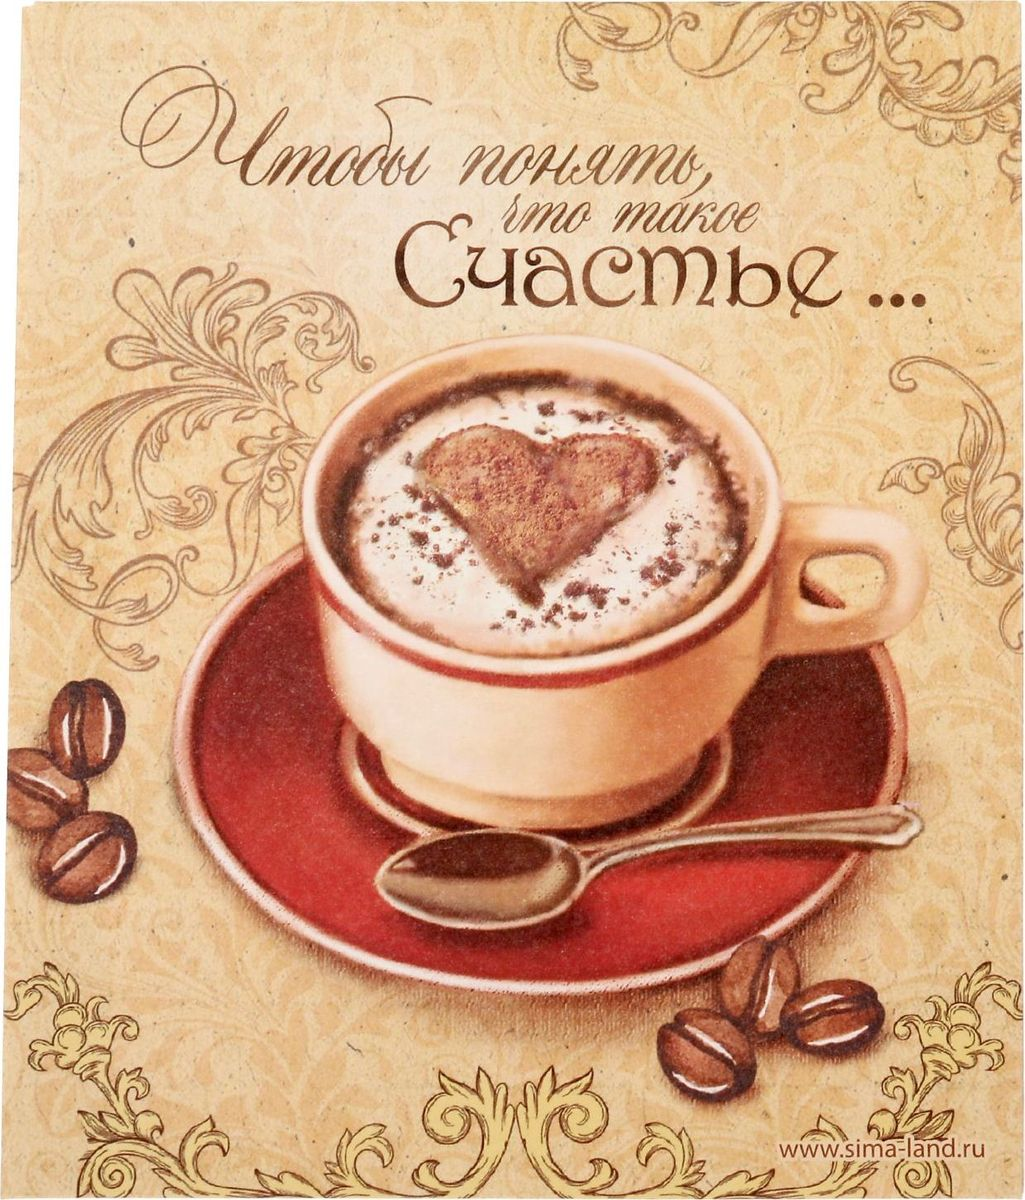 Конверт декоративный Кофейный, 13 х 15,5 см1348736Чудесный бумажный конвертик подойдёт для упаковки небольшого подарка или сувенира. Он послужит прекрасным оформлением для сладостей, чая, кофе или бижутерии. На нём есть место для тёплых слов и пожеланий, имени адресата или отправителя.